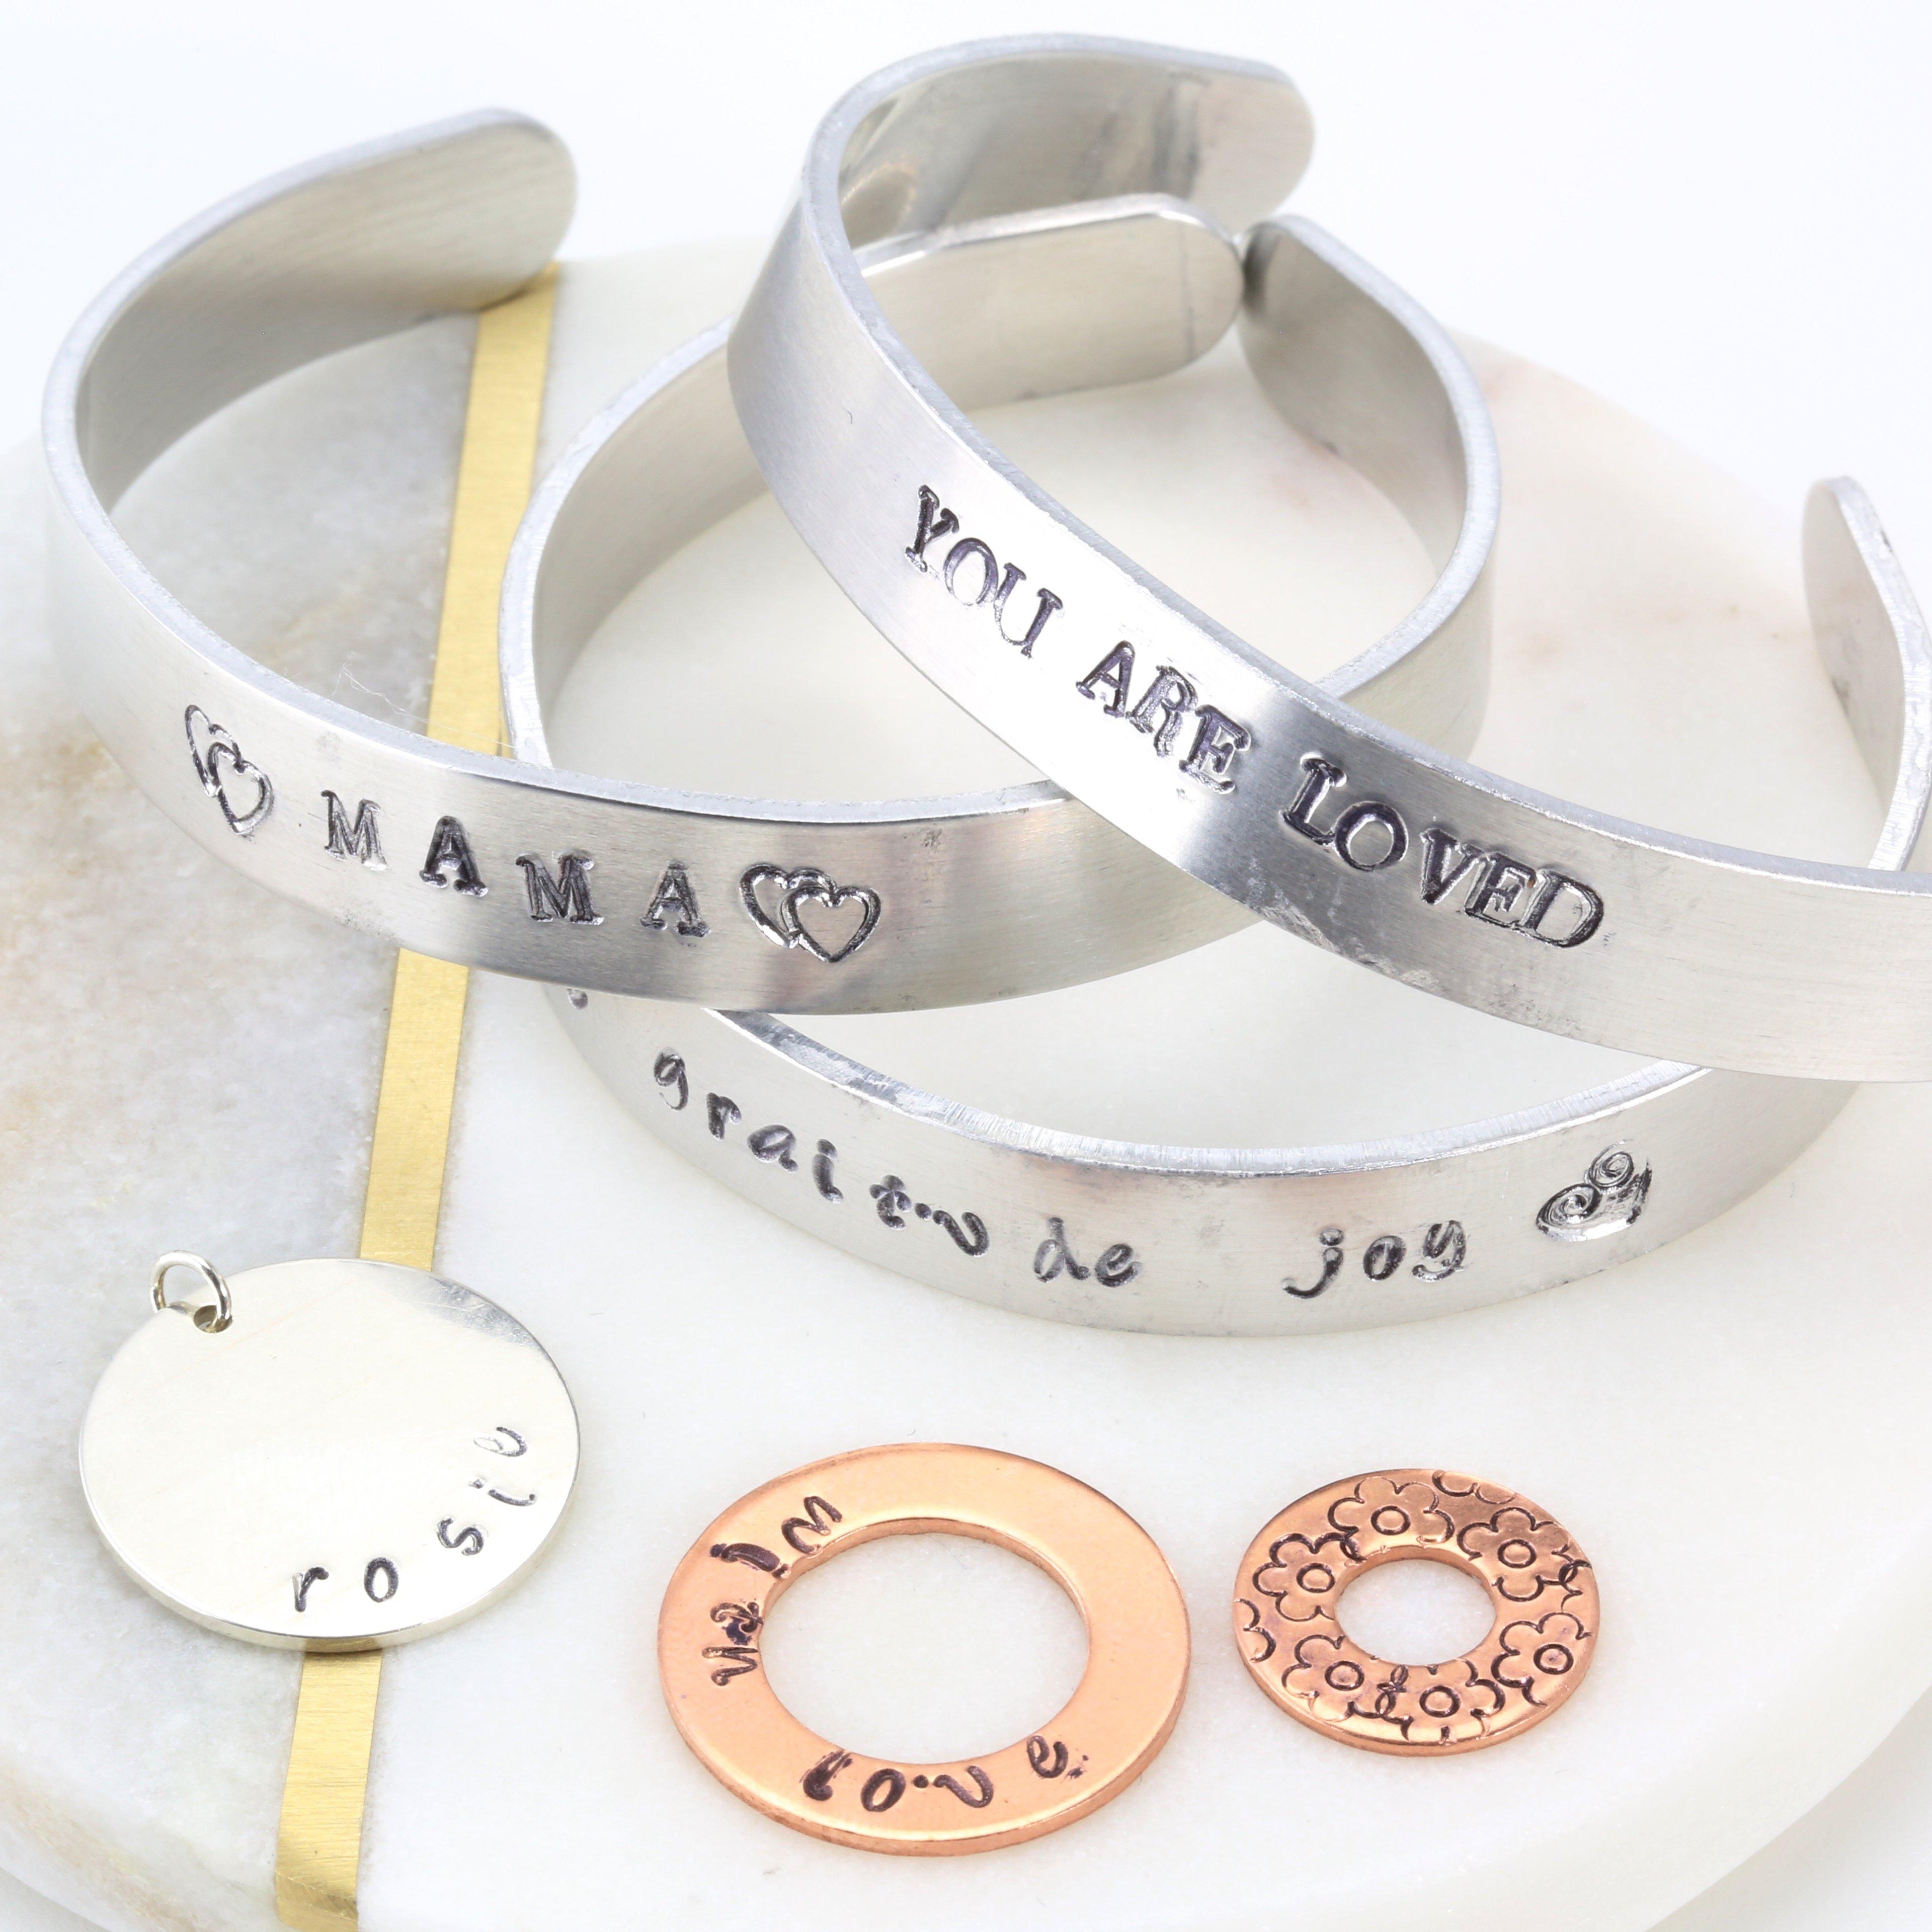 Strieborné šperky na každý deň!